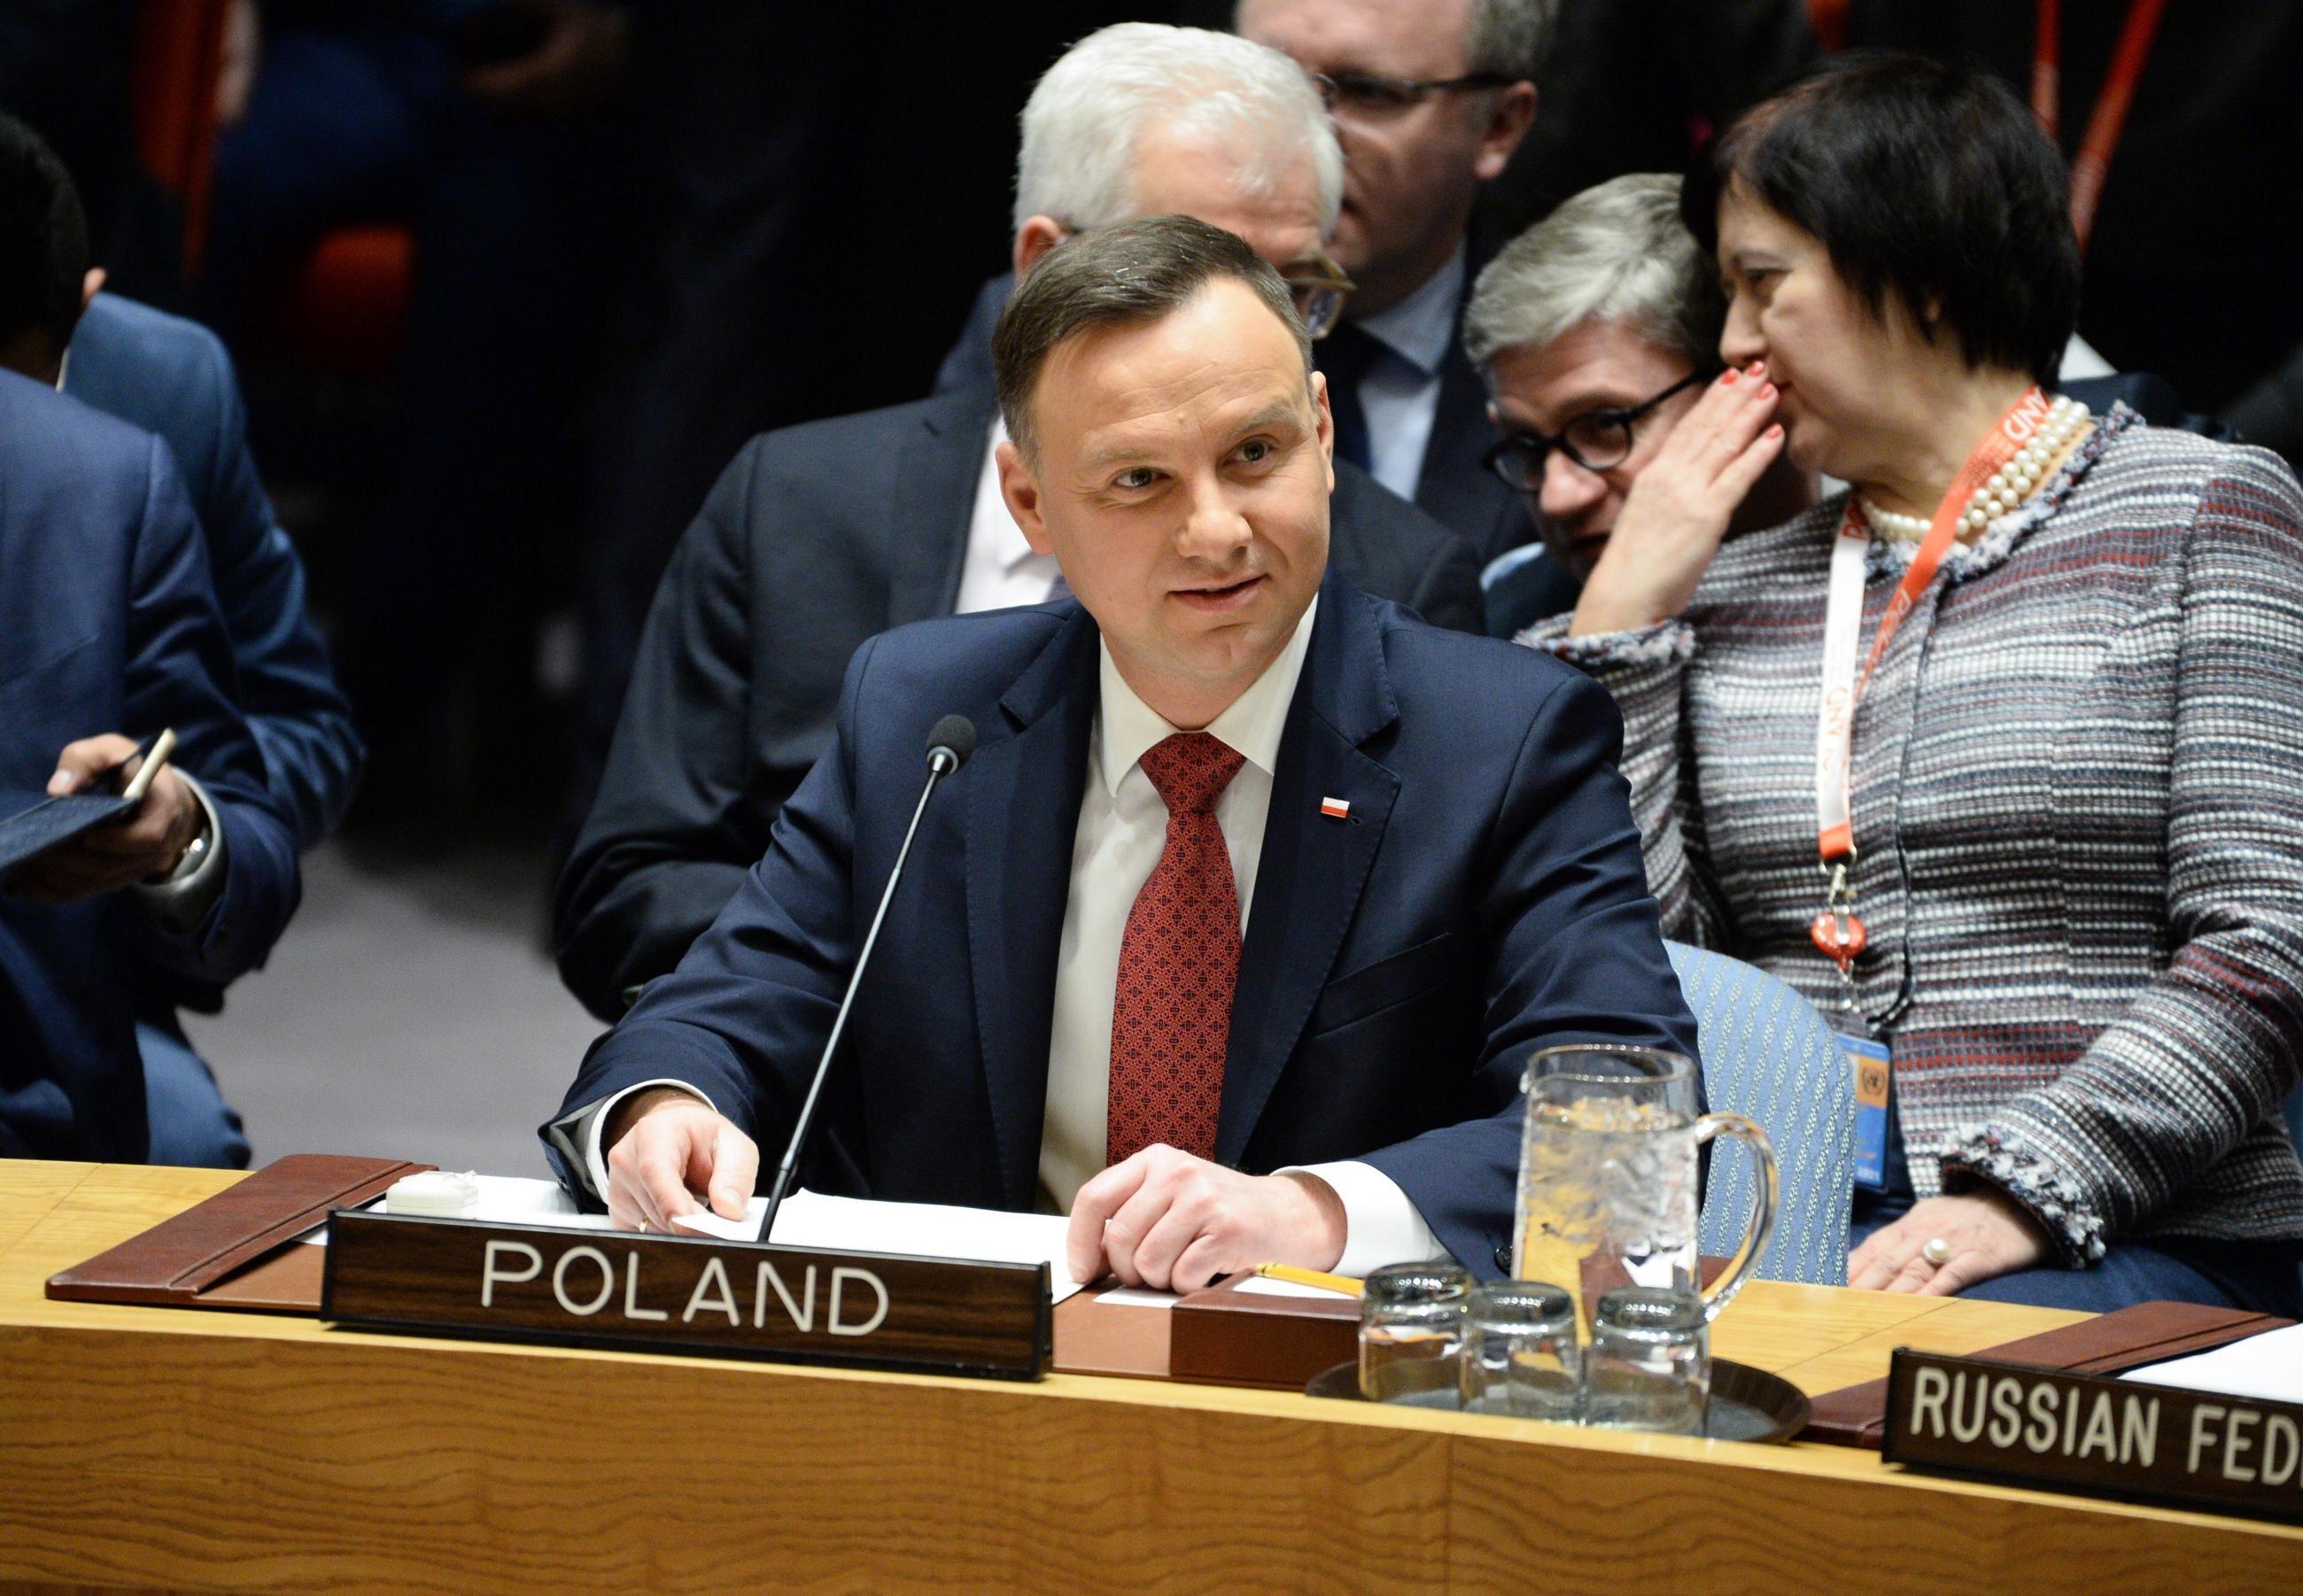 Prezydent Andrzej Duda podczas posiedzenia Rady Bezpieczeństwa ONZ